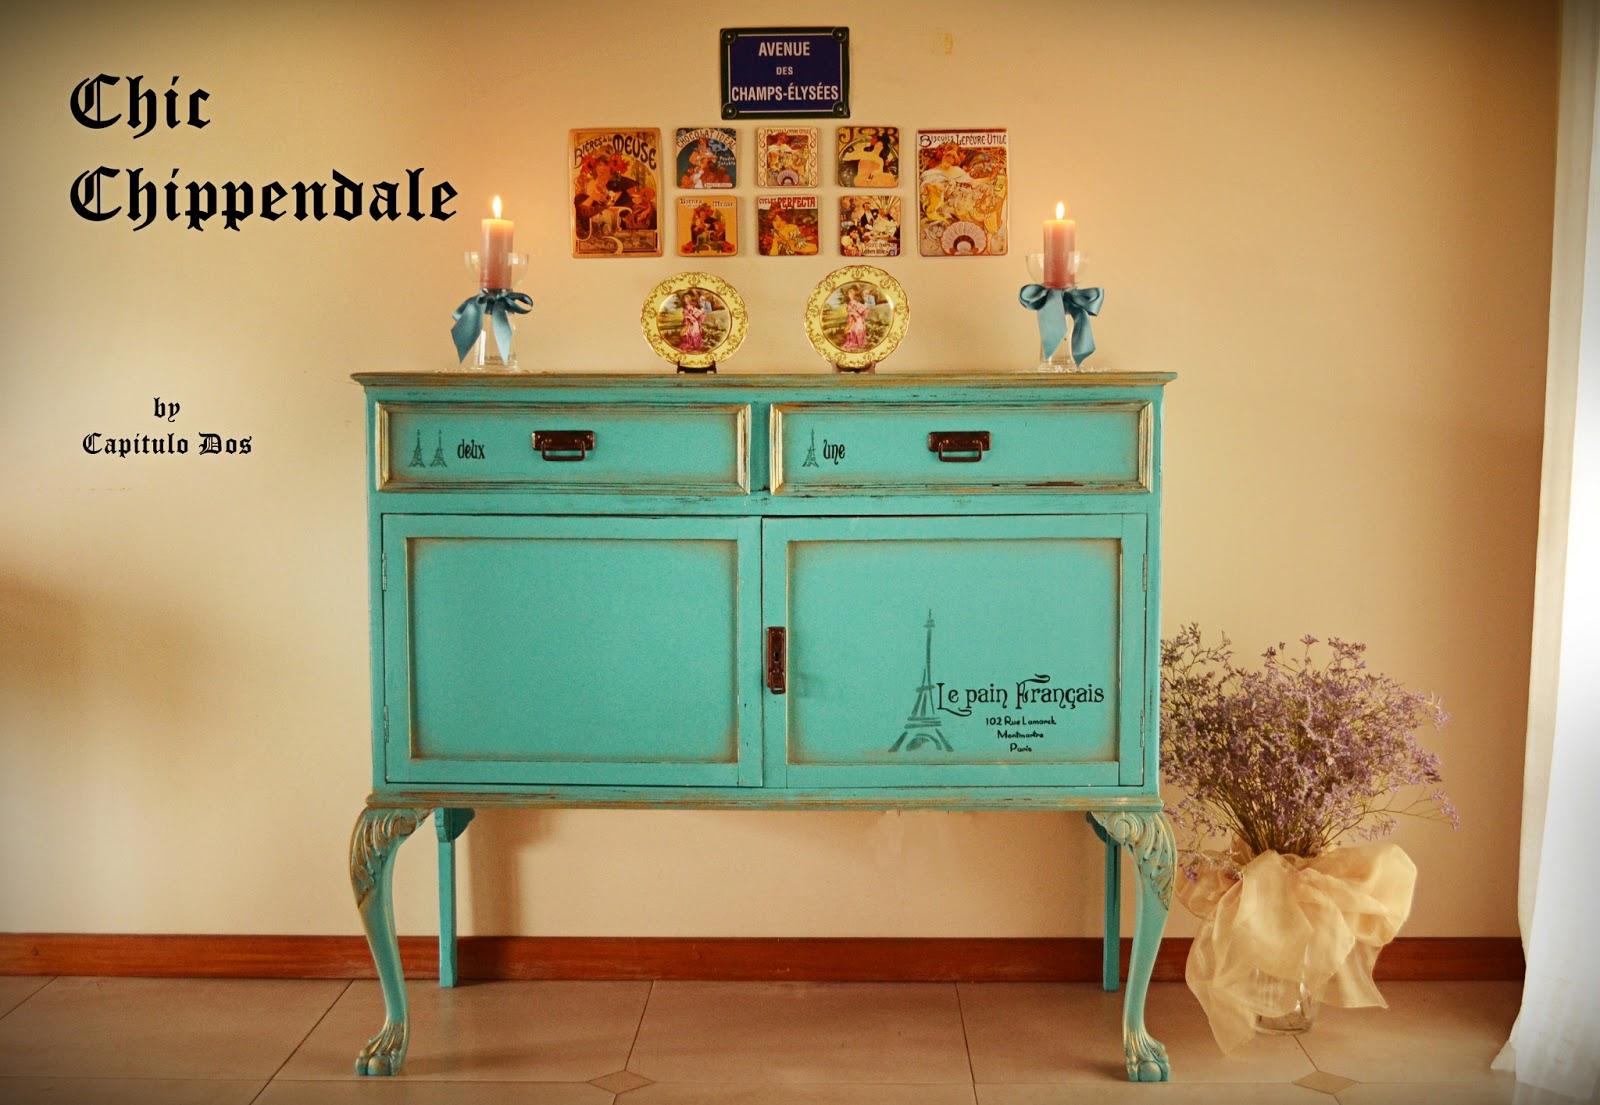 Restaurar Un Mueble Antiguo Pintar Muebles Con Pinturas  # Muebles Turquesa